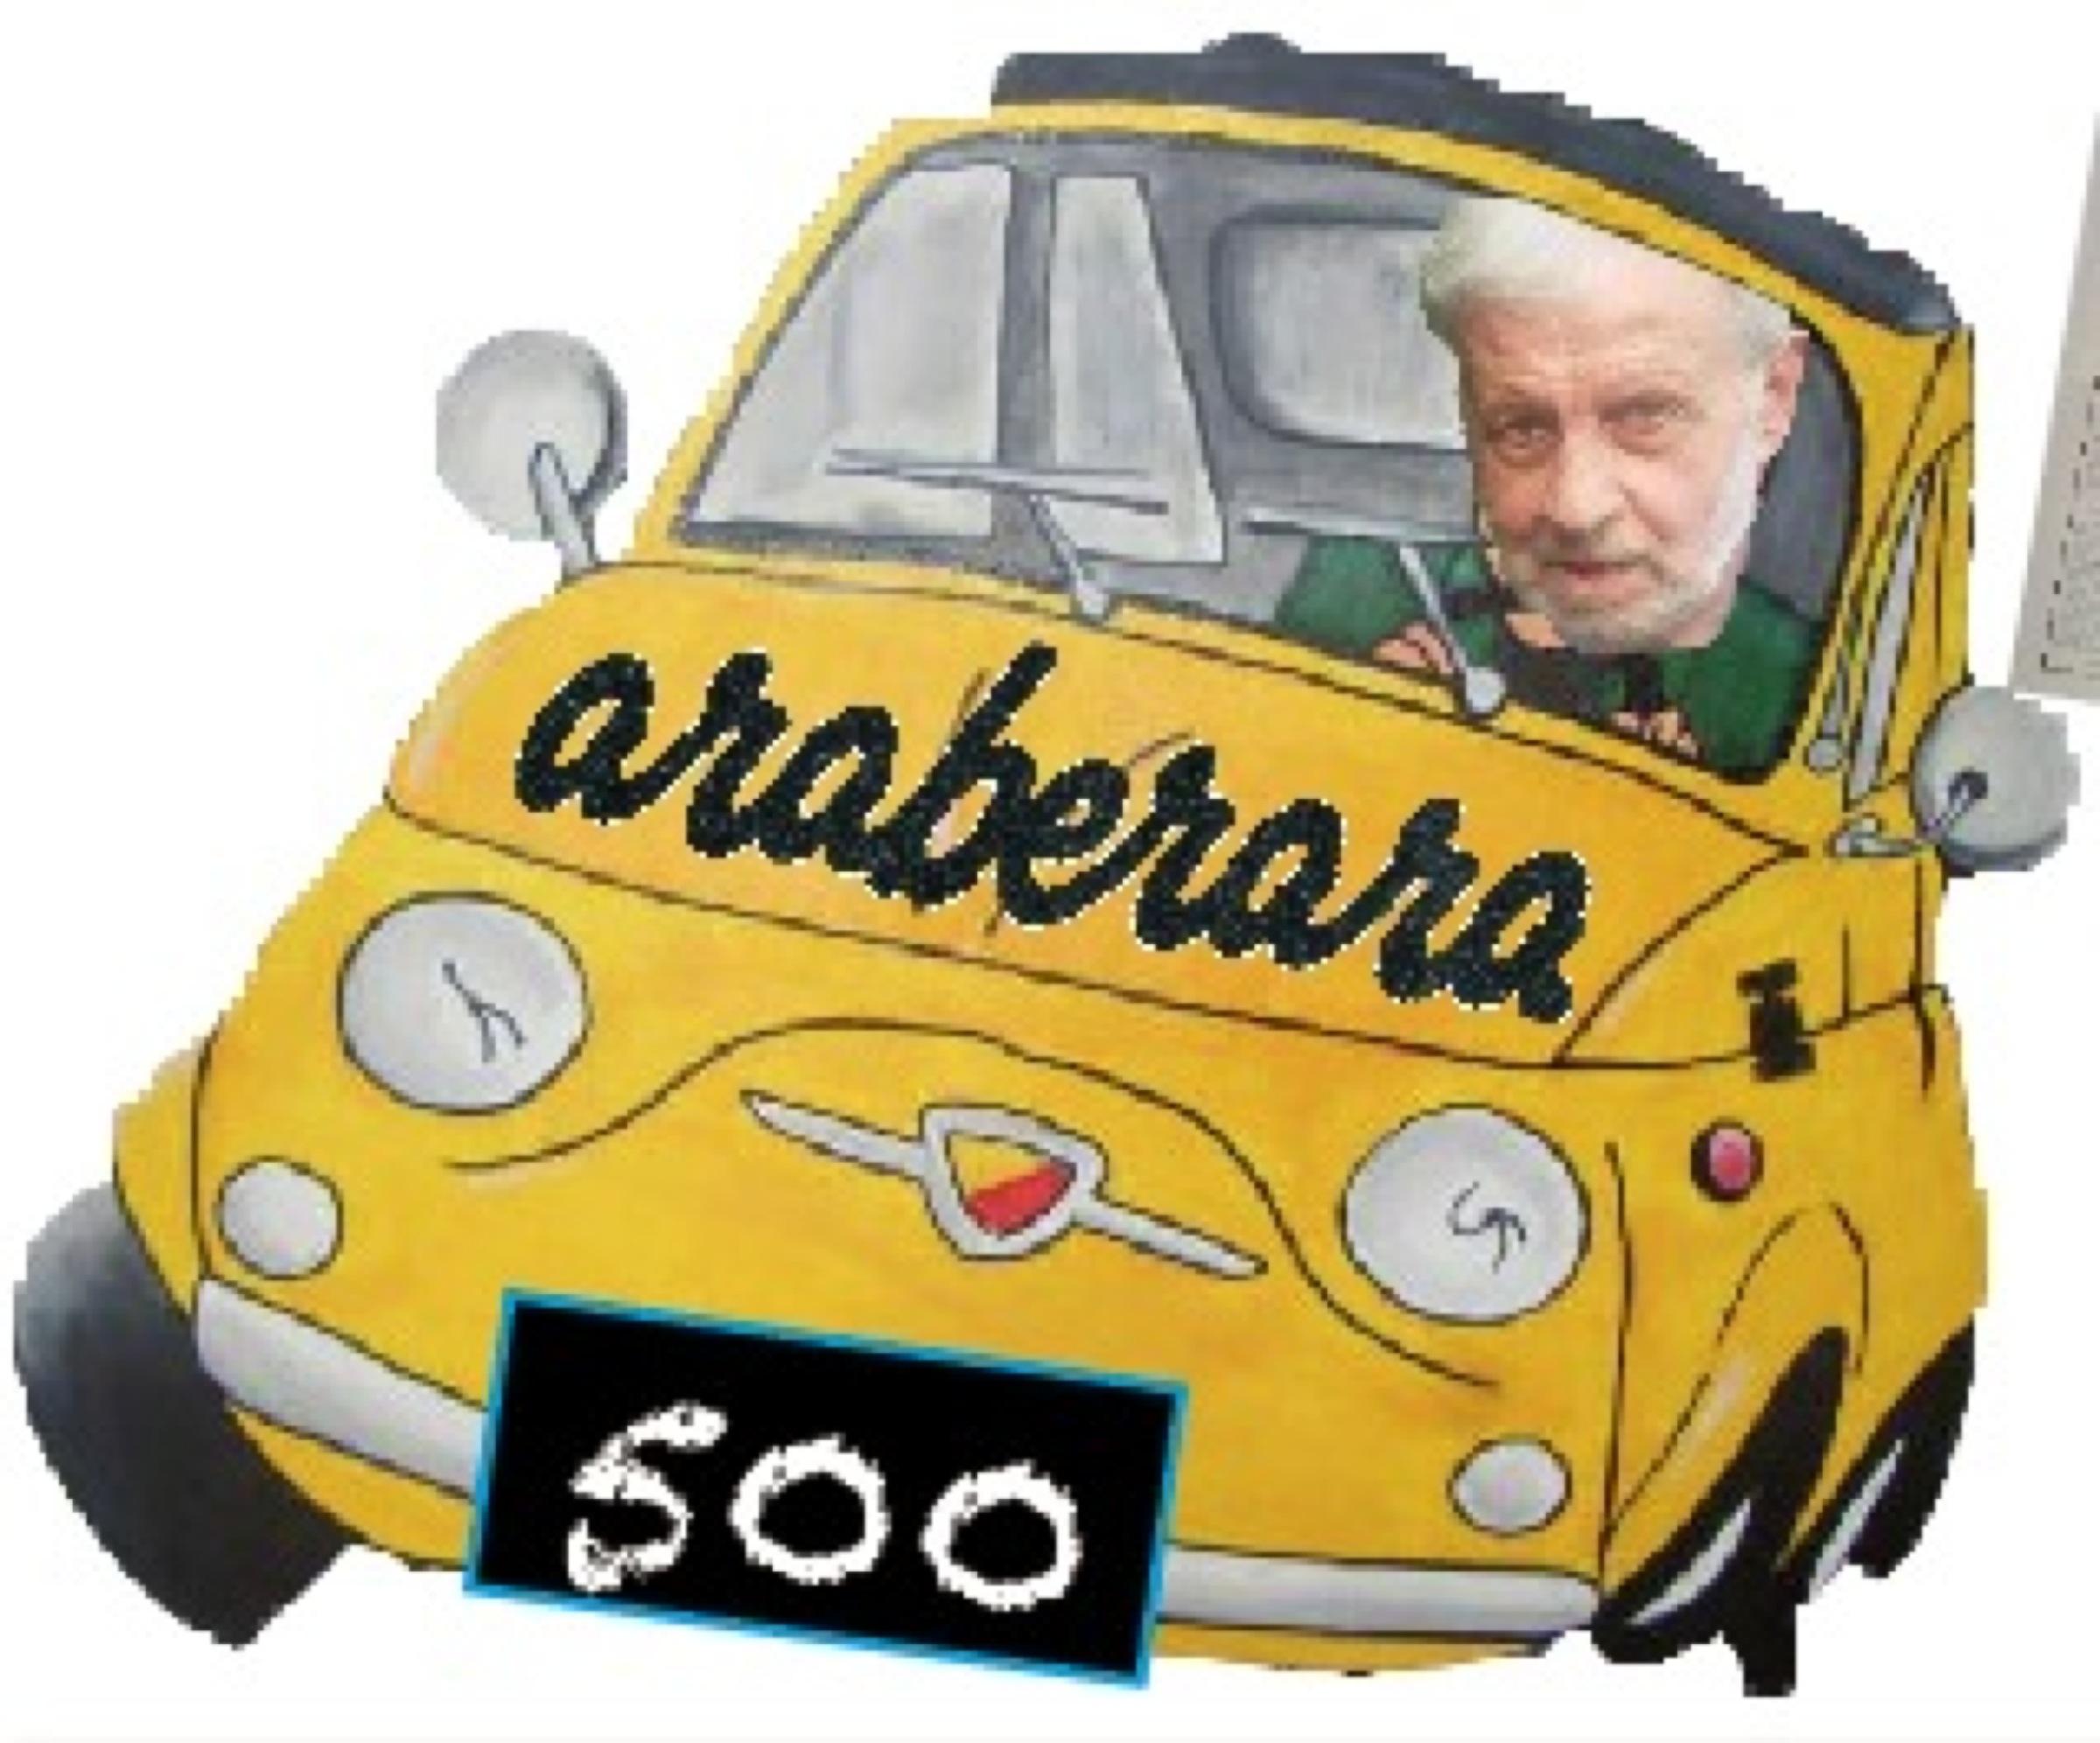 Araberara500